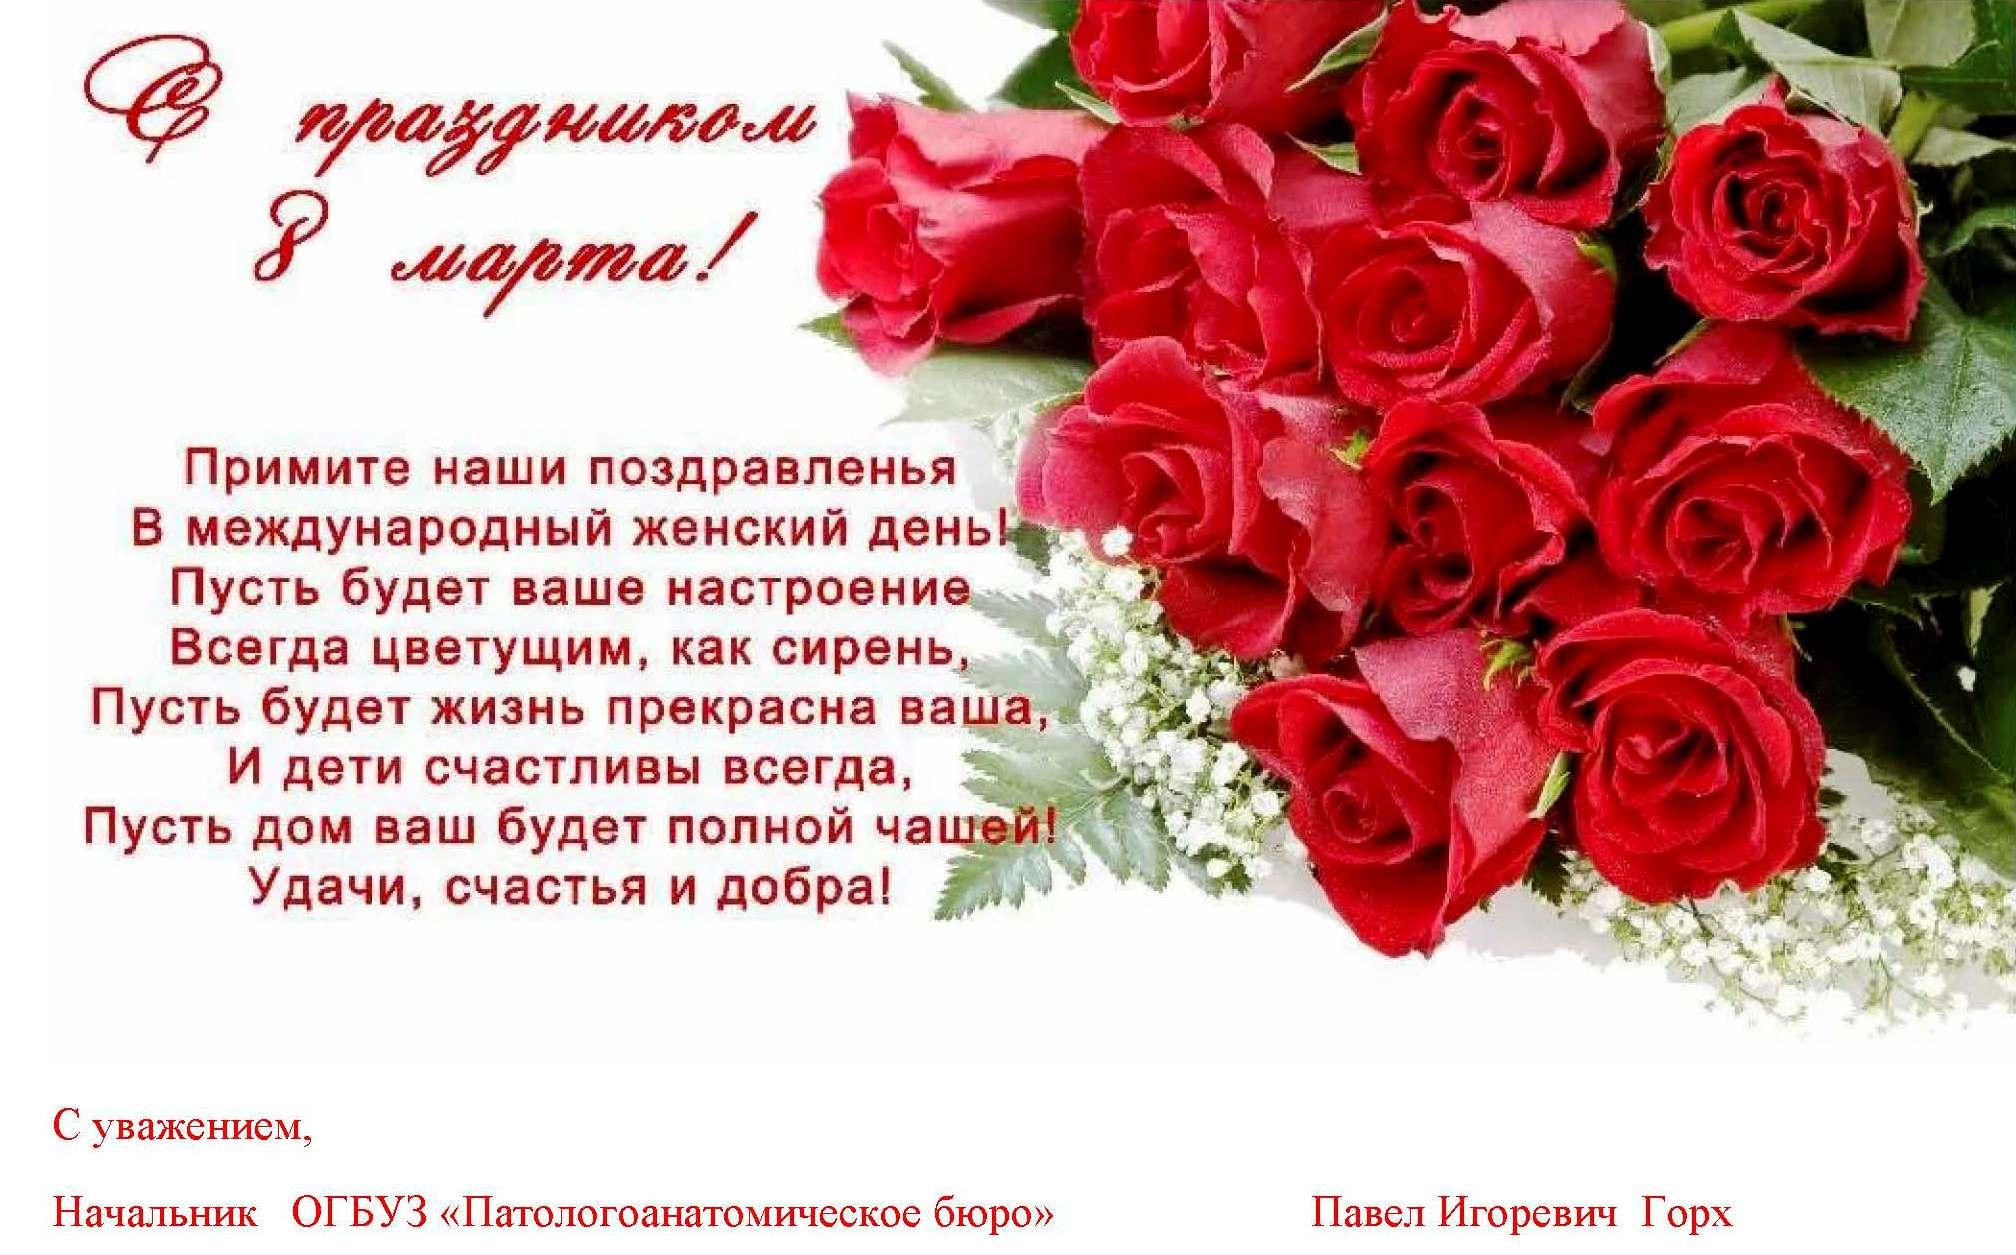 Поздравление для томска